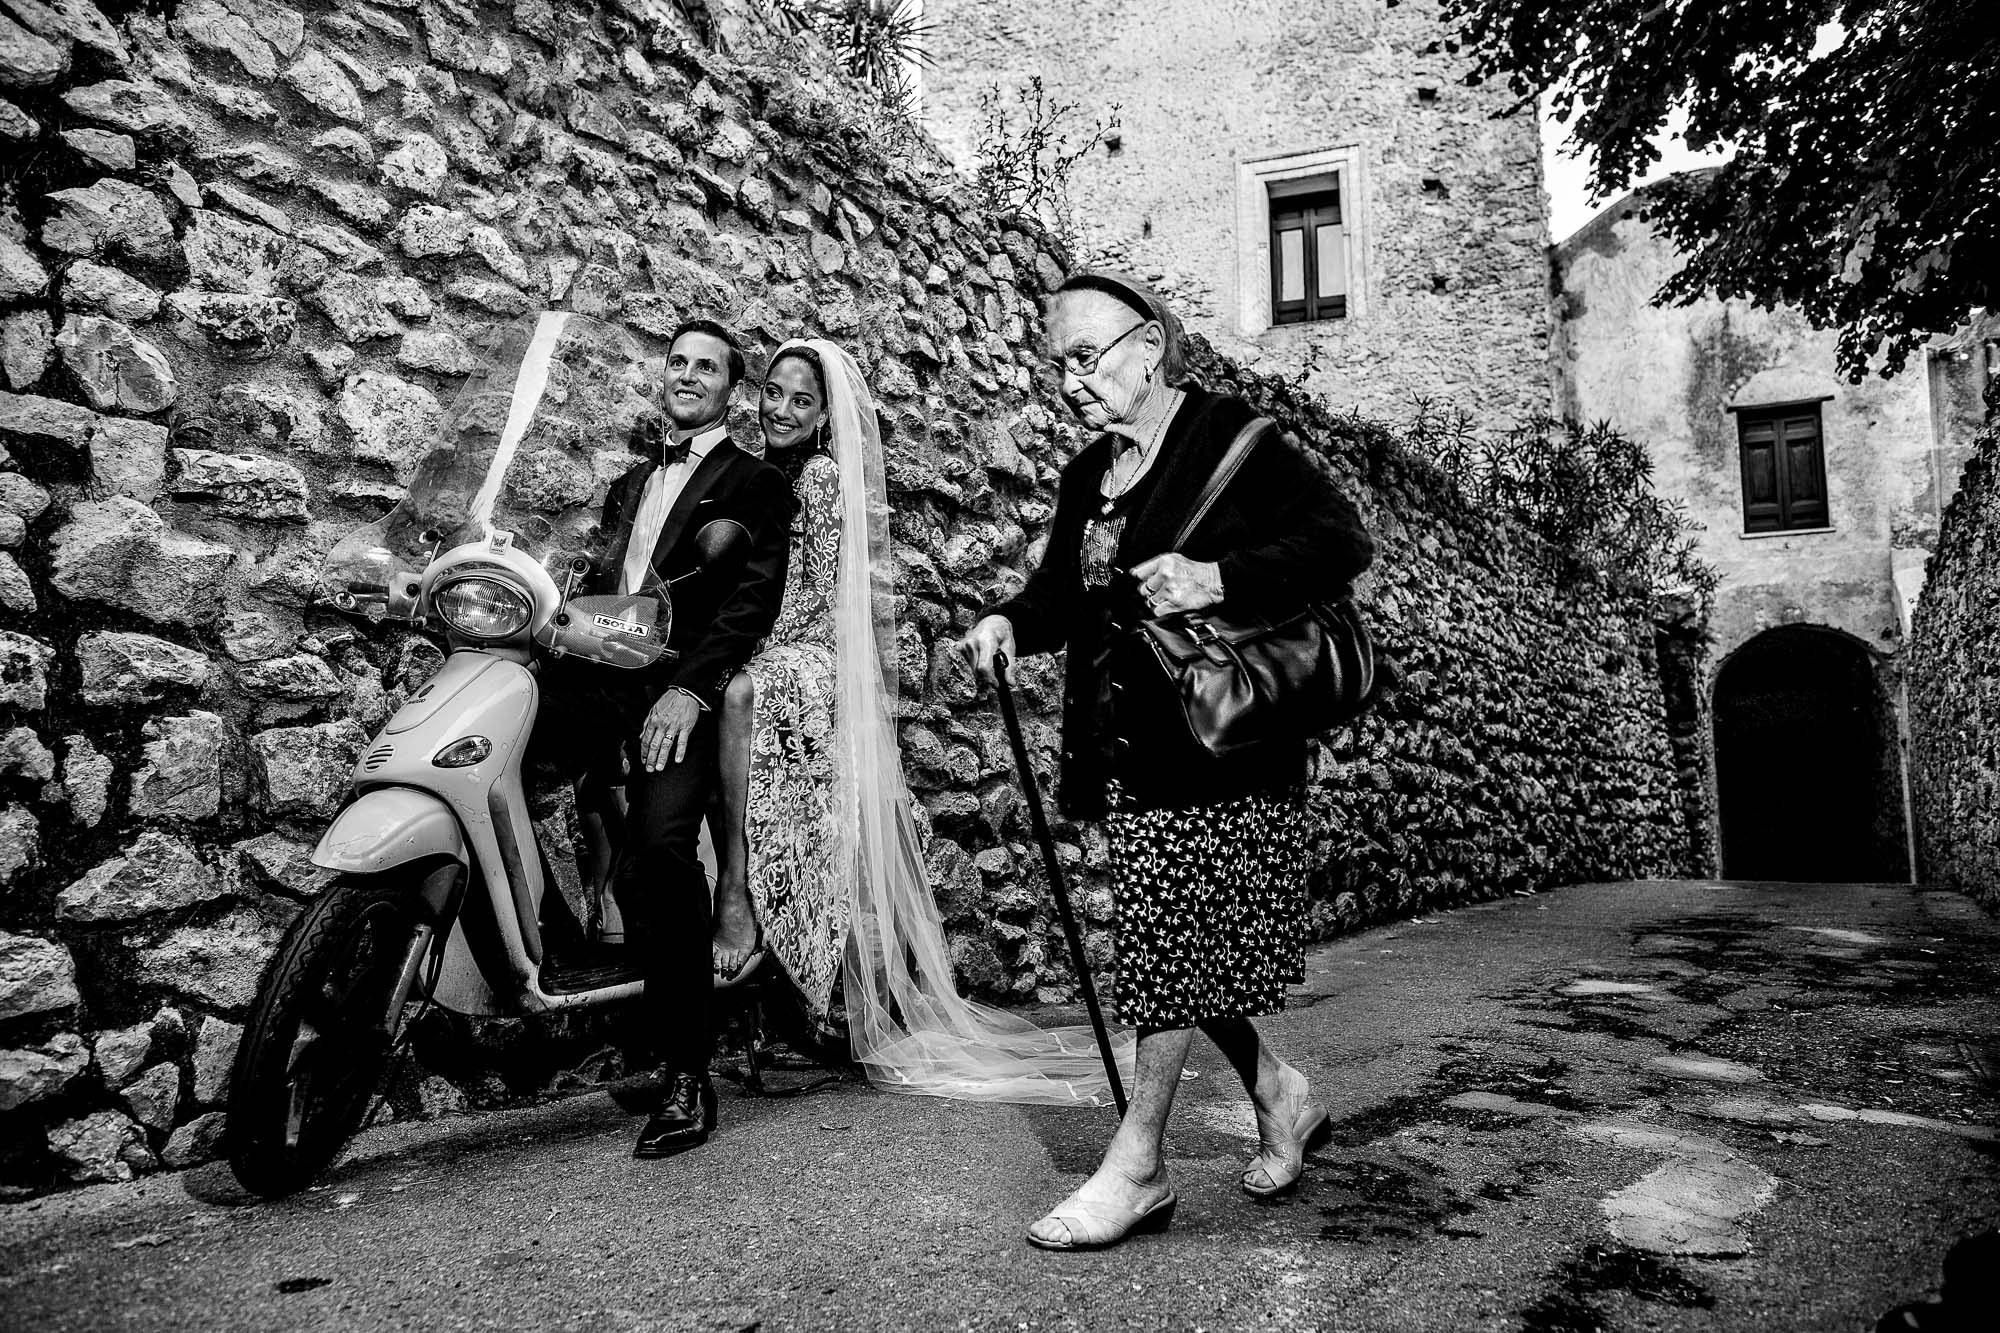 Elderly woman walks by couple on Vespa - photo by Jos Studio - Portland